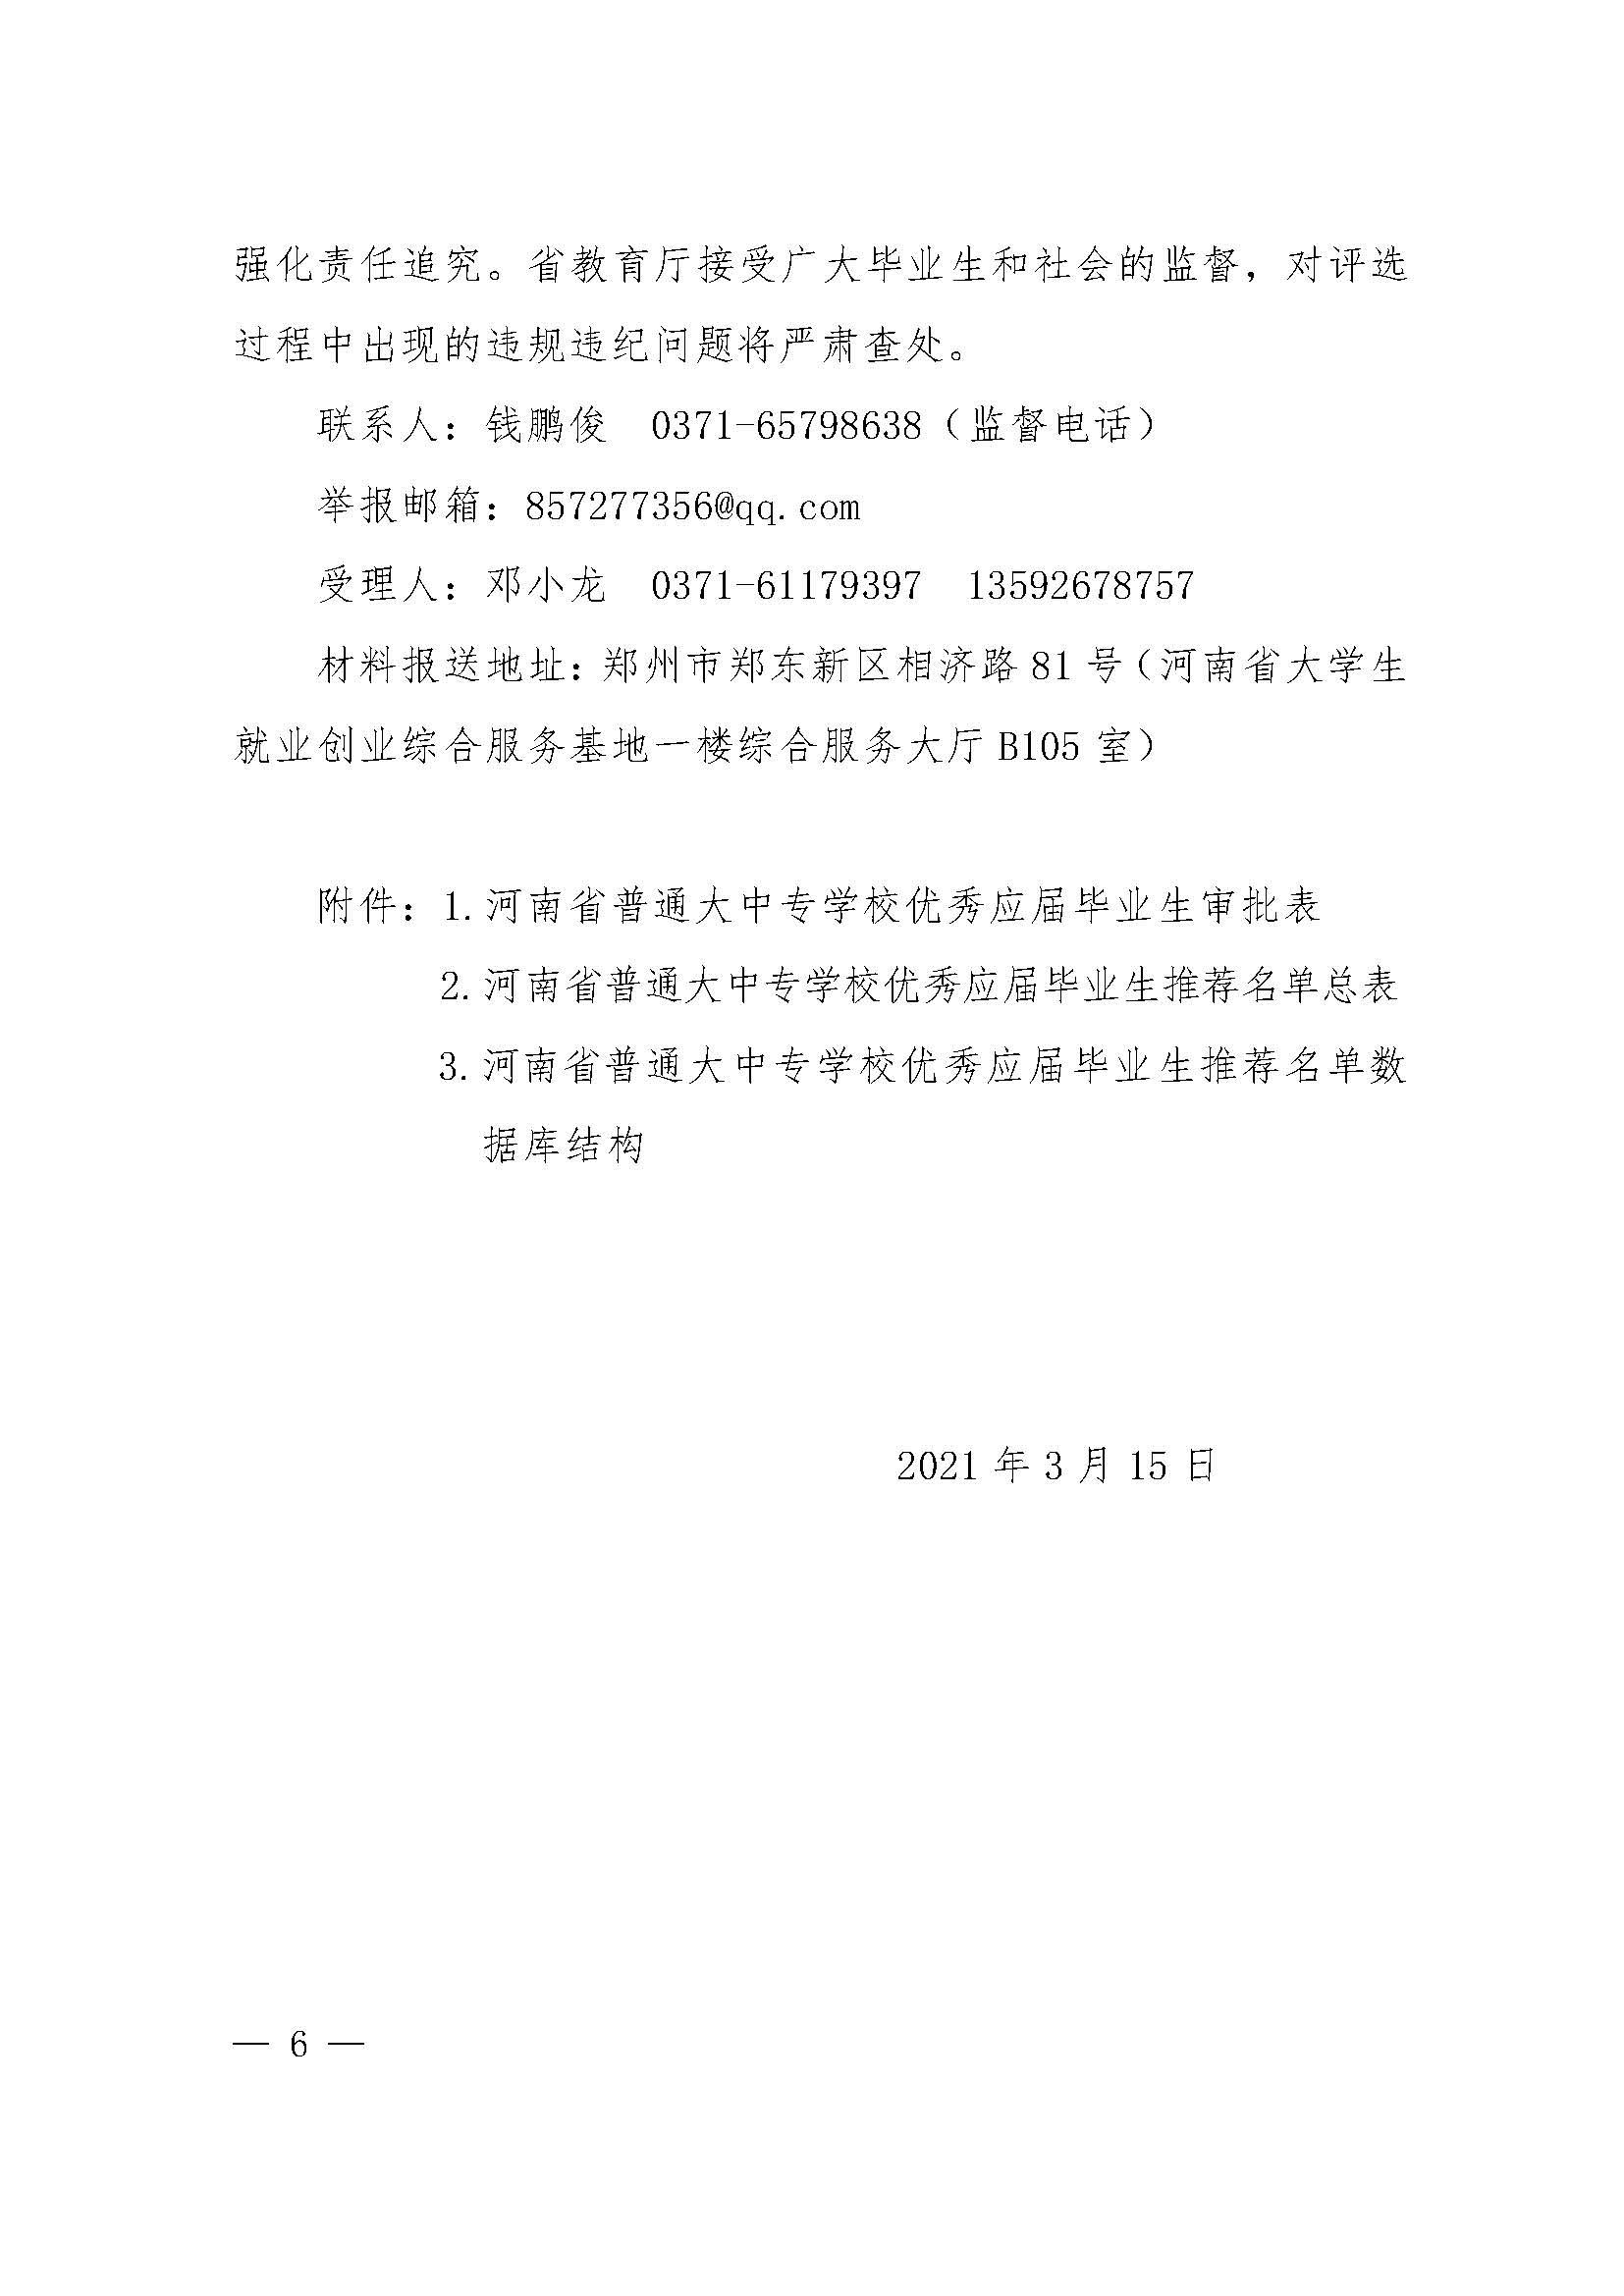 河南省教育厅办公室关于评选河南省普通大中专学校2021年优秀应届毕业生的通知_页面_06.jpg